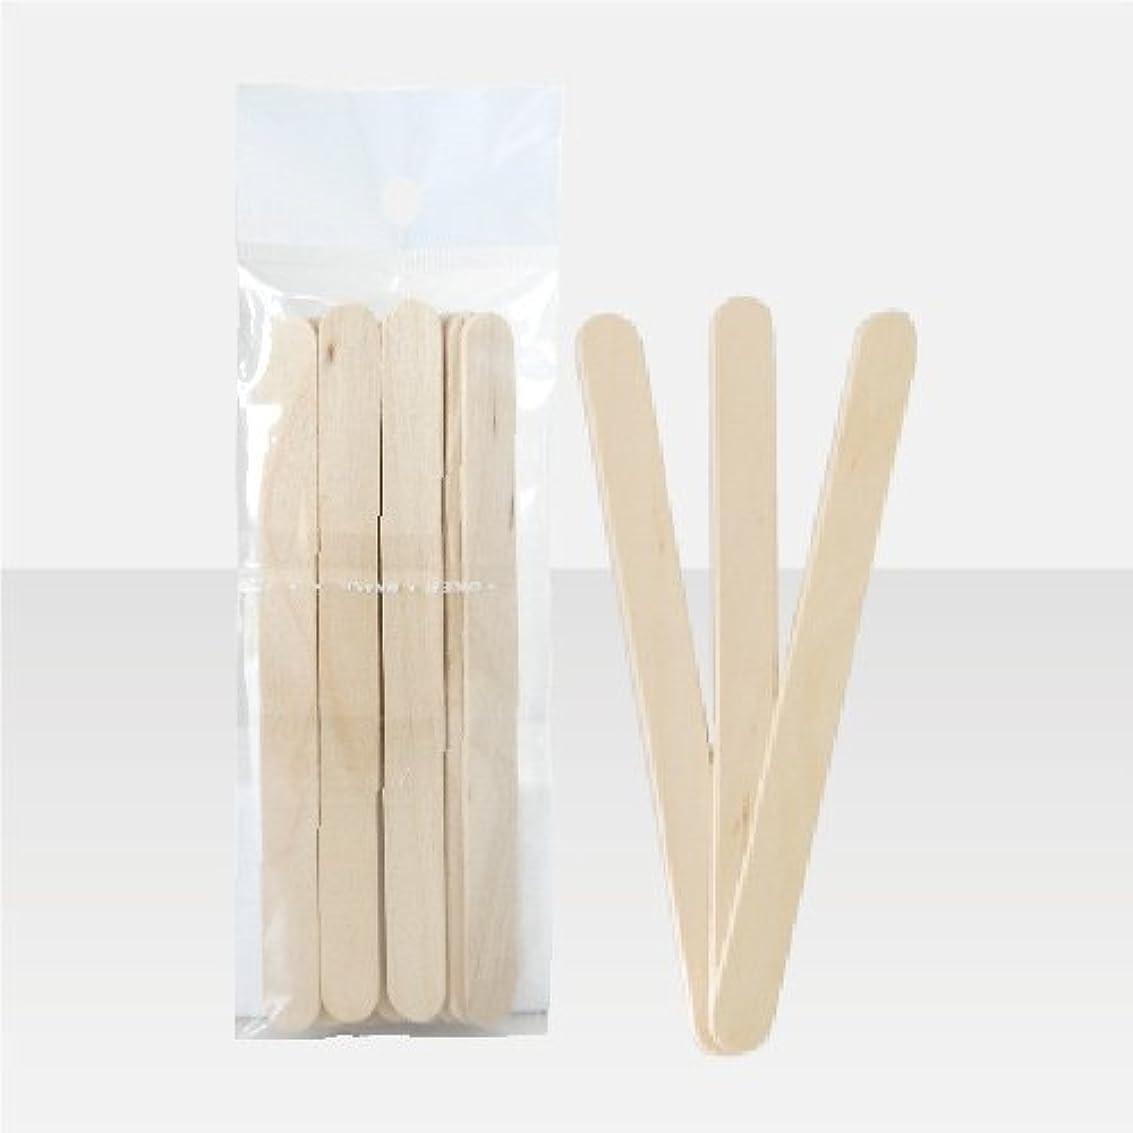 同一性荒廃する混合ブラジリアンワックス 脱毛ワックス用  ワックススパチュラ 木ベラ /10本セット Sサイズ